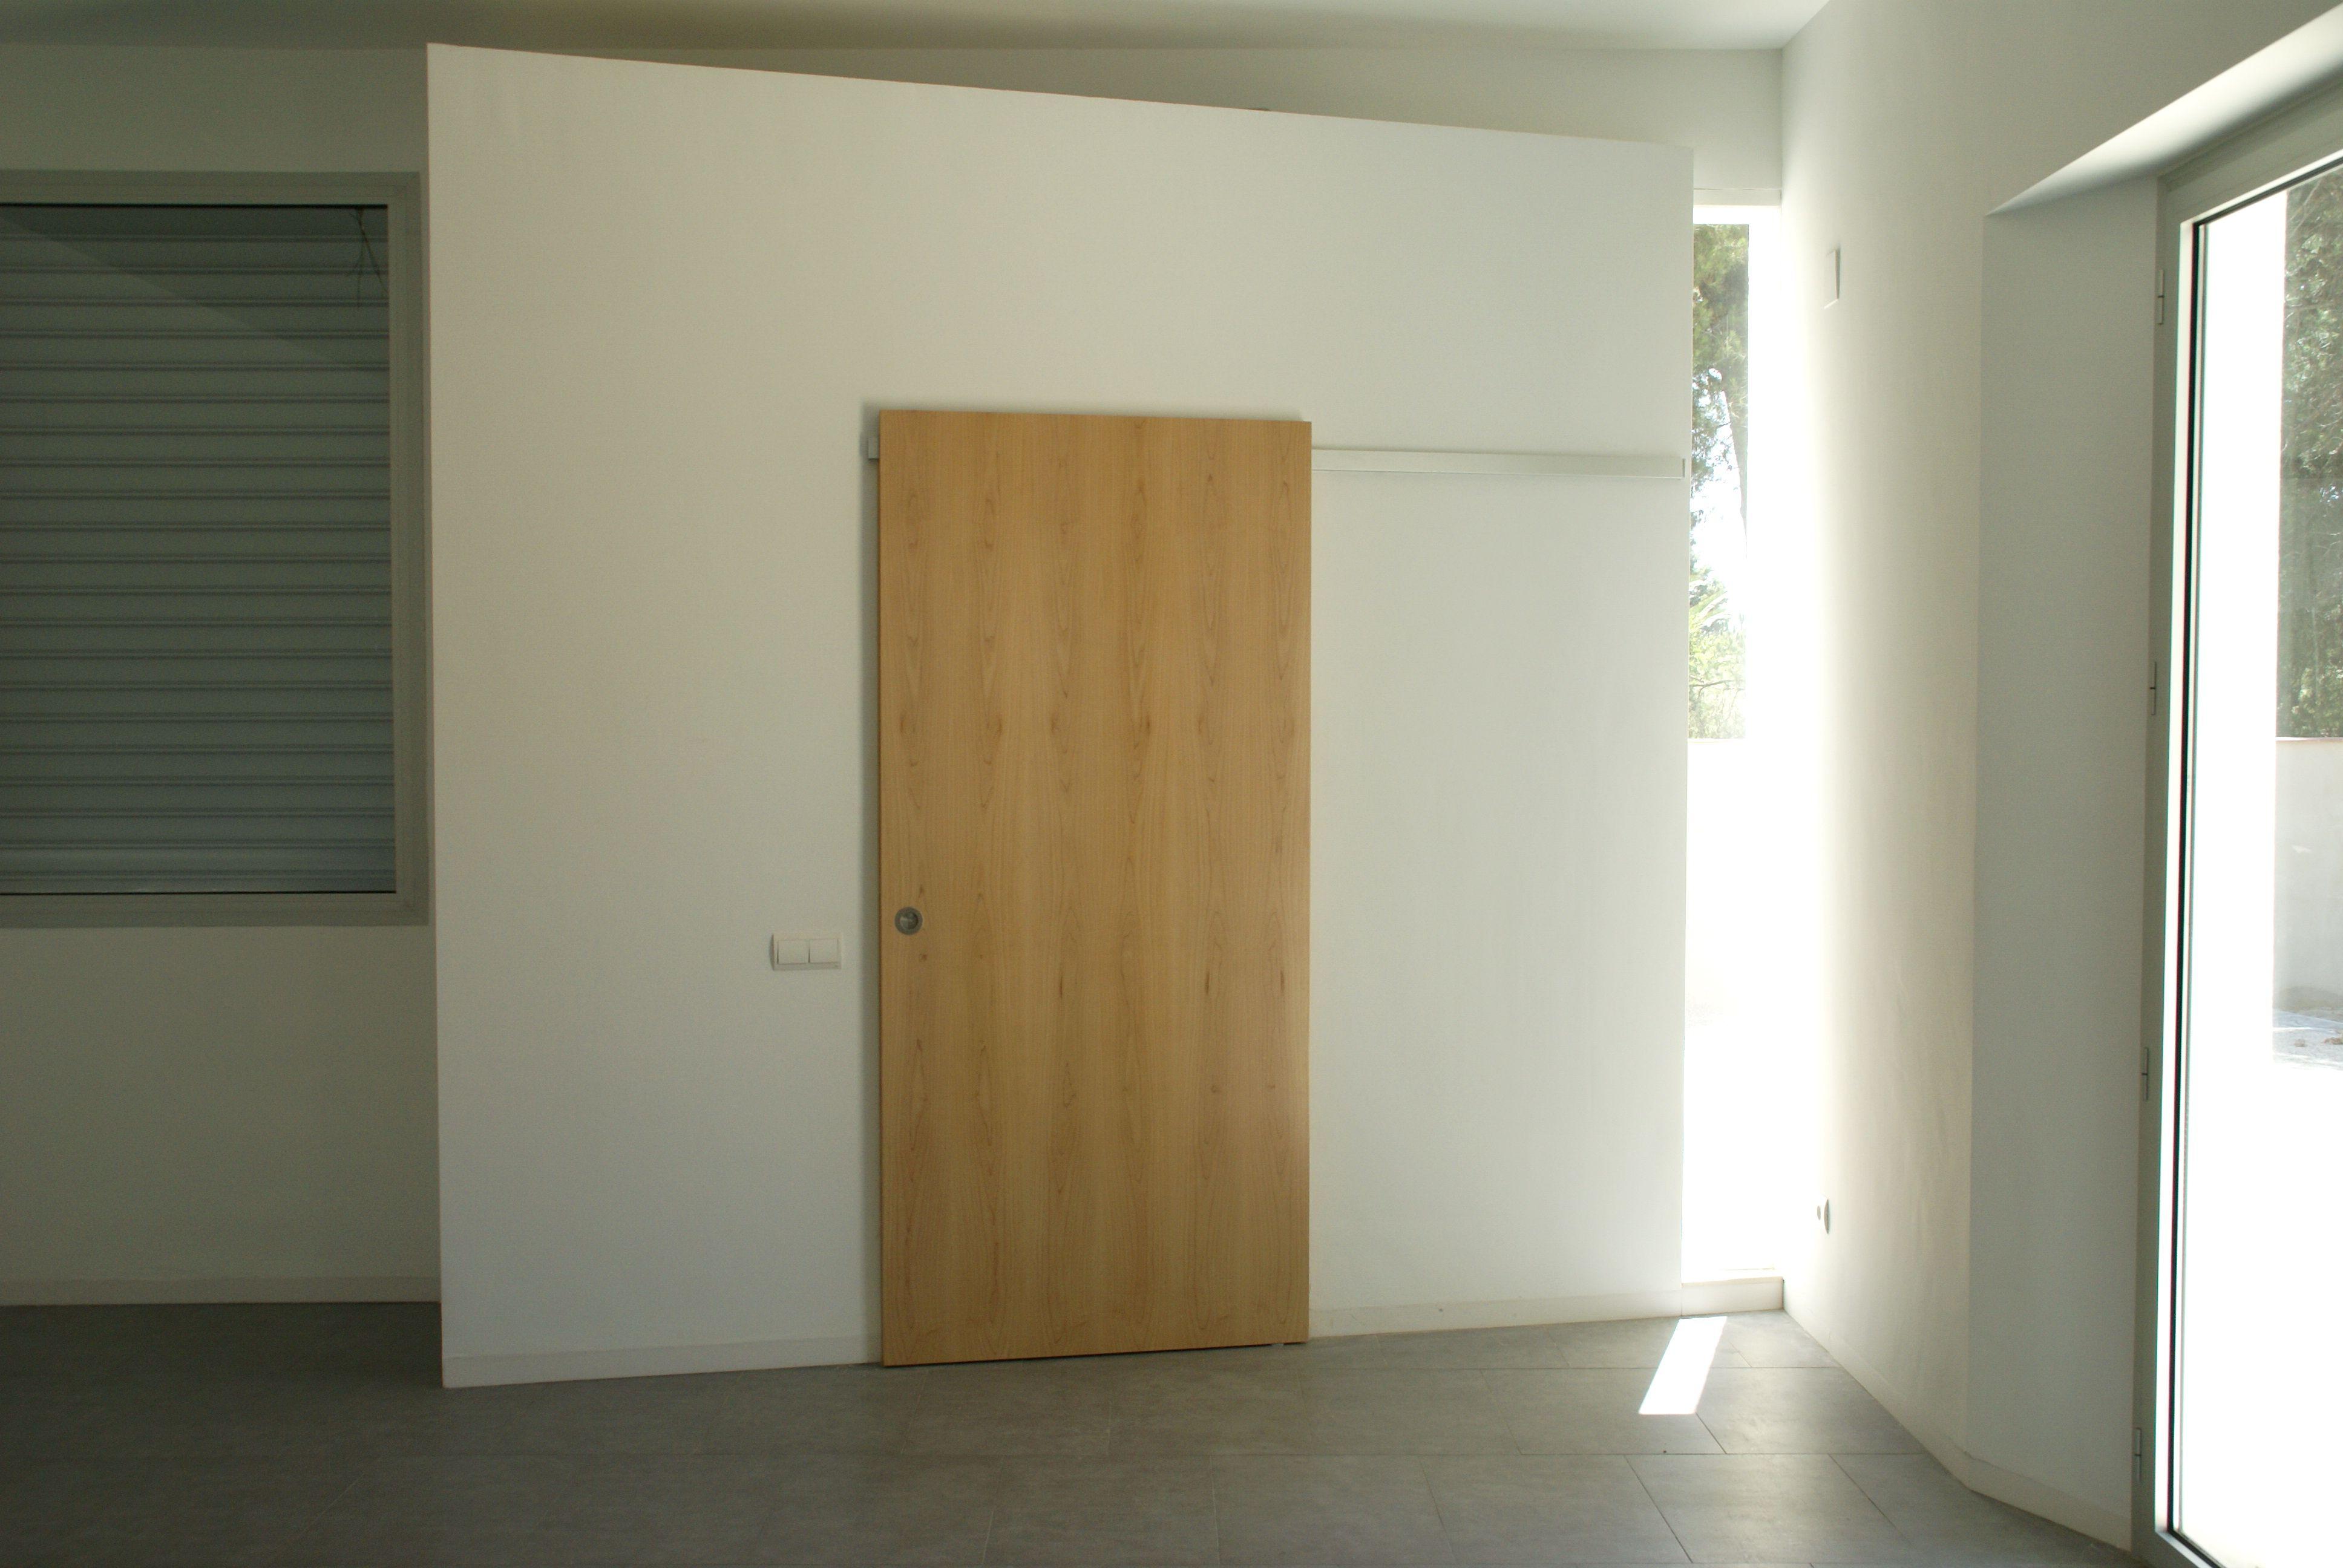 Puerta corredera por pared sistema de herraje oculto - Sistema puerta corredera ...